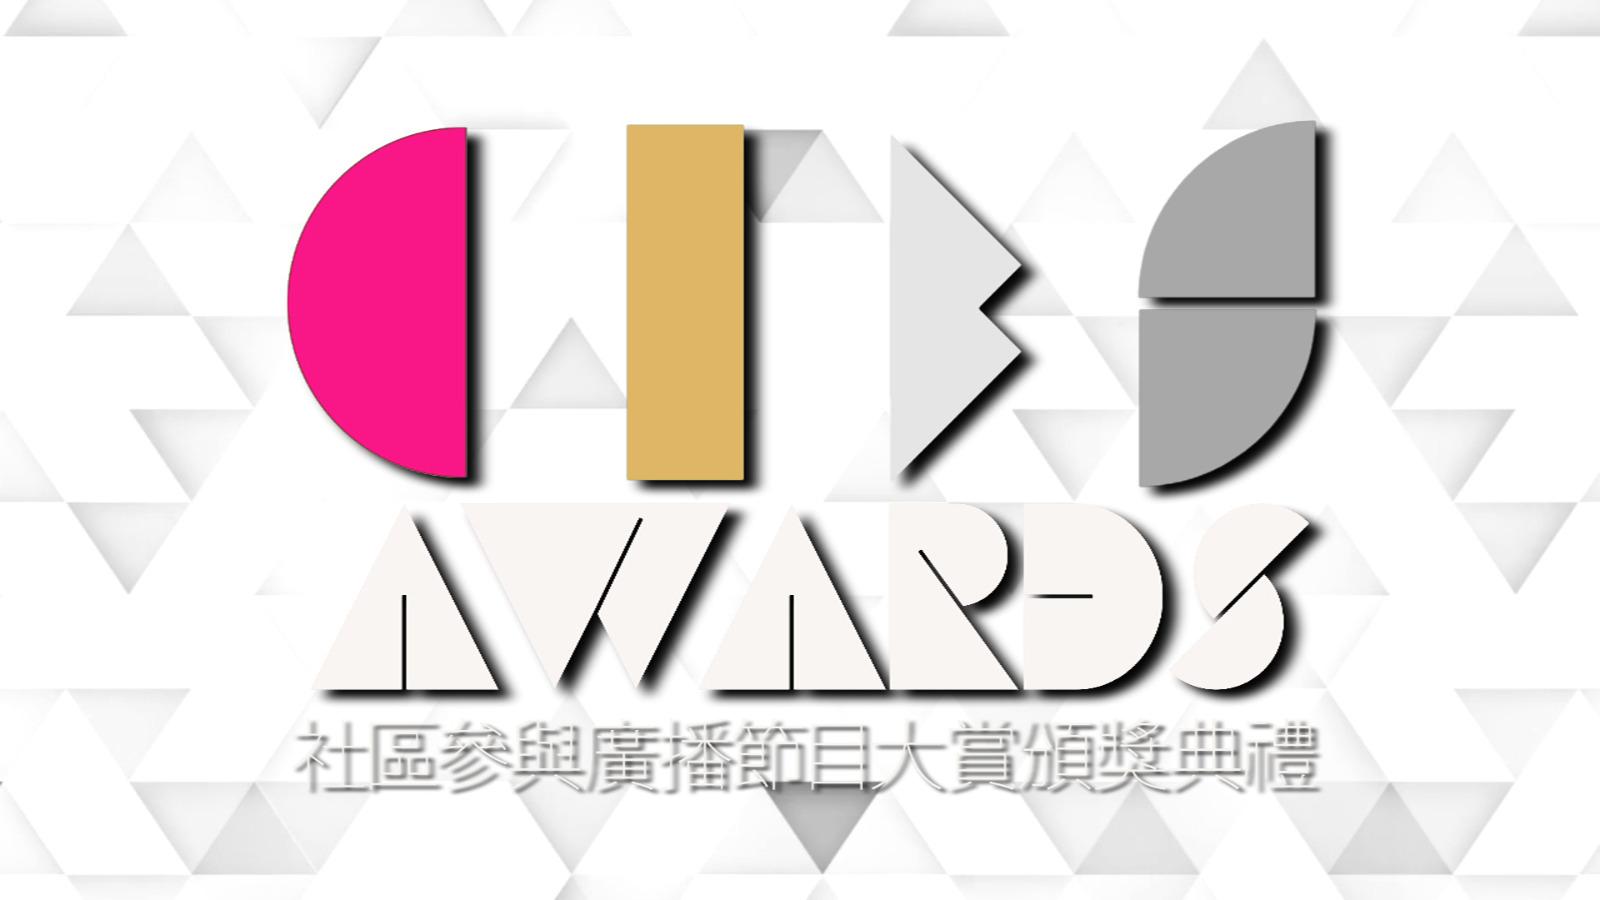 为肯定CIBS制作人对社区及广播界的贡献,并鼓励更多社区人士及团体参与CIBS,香港电台特别举办「CIBS Awards社区参与广播节目大赏」,藉以表扬及嘉许表现杰出的CIBS电台节目。